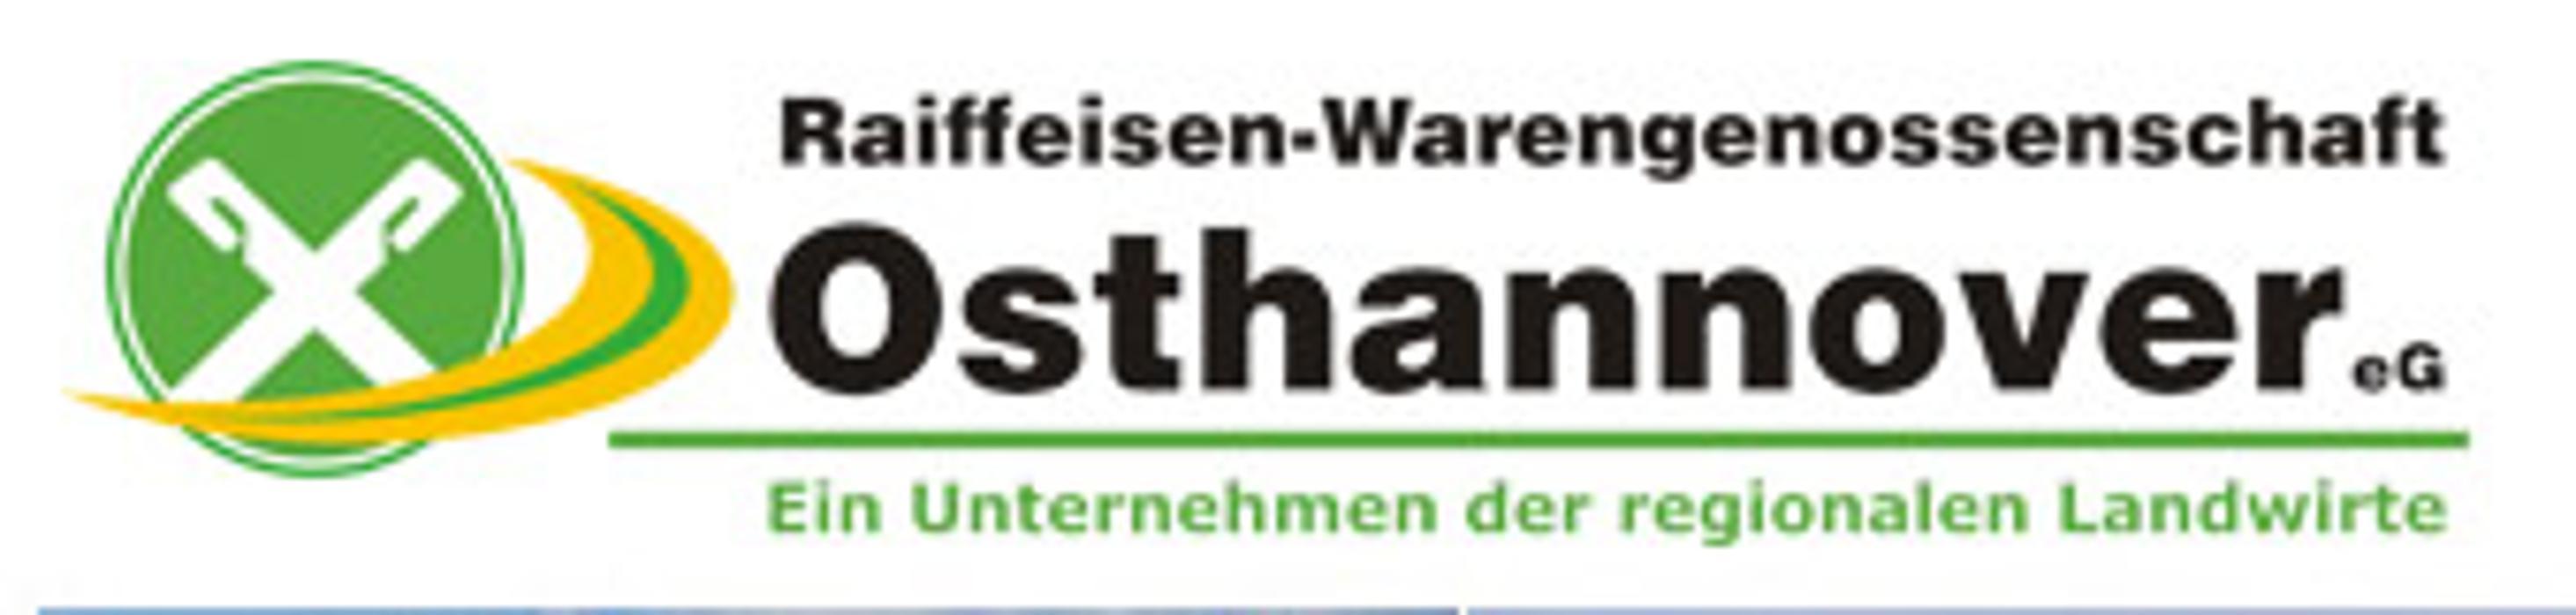 Bild zu RWG Osthannover eG - Raiffeisen-Markt Burgdorf und 24h-Tankstelle in Burgdorf Kreis Hannover